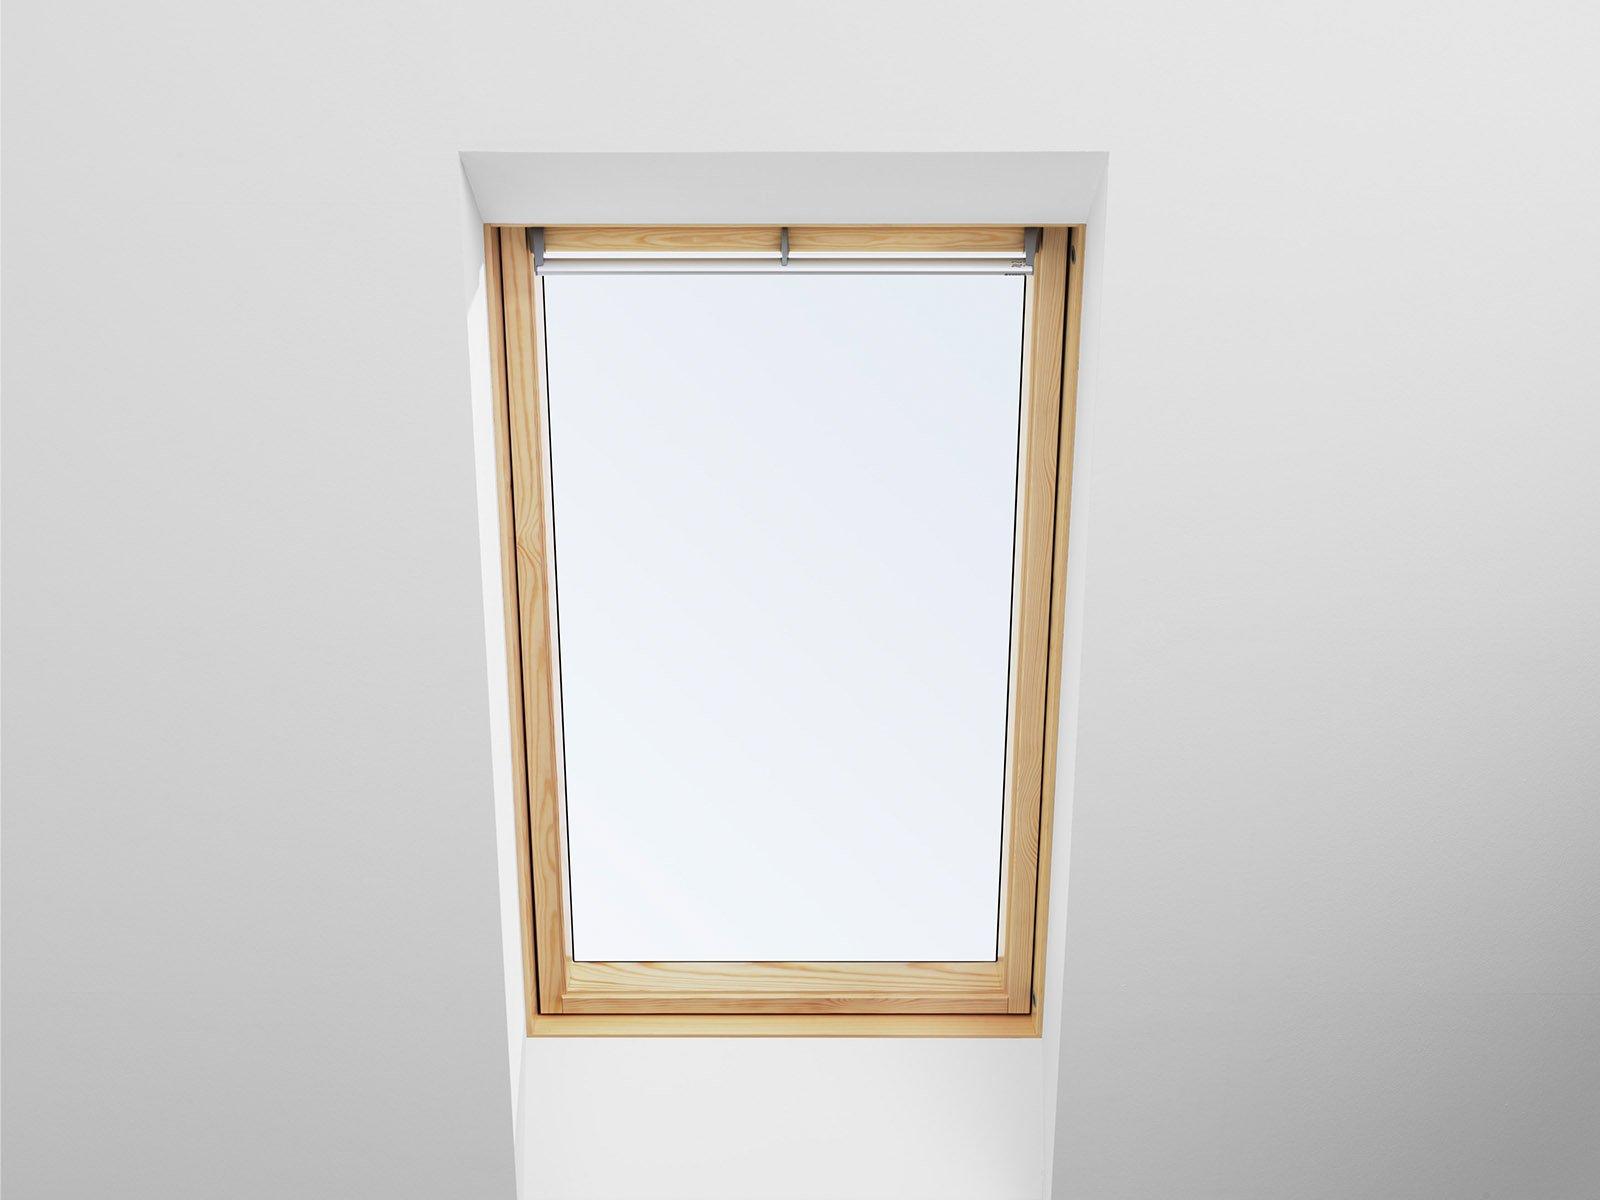 Casa sicura con tetto e finestra a prova di infiltrazioni for Misure lucernari per tetti